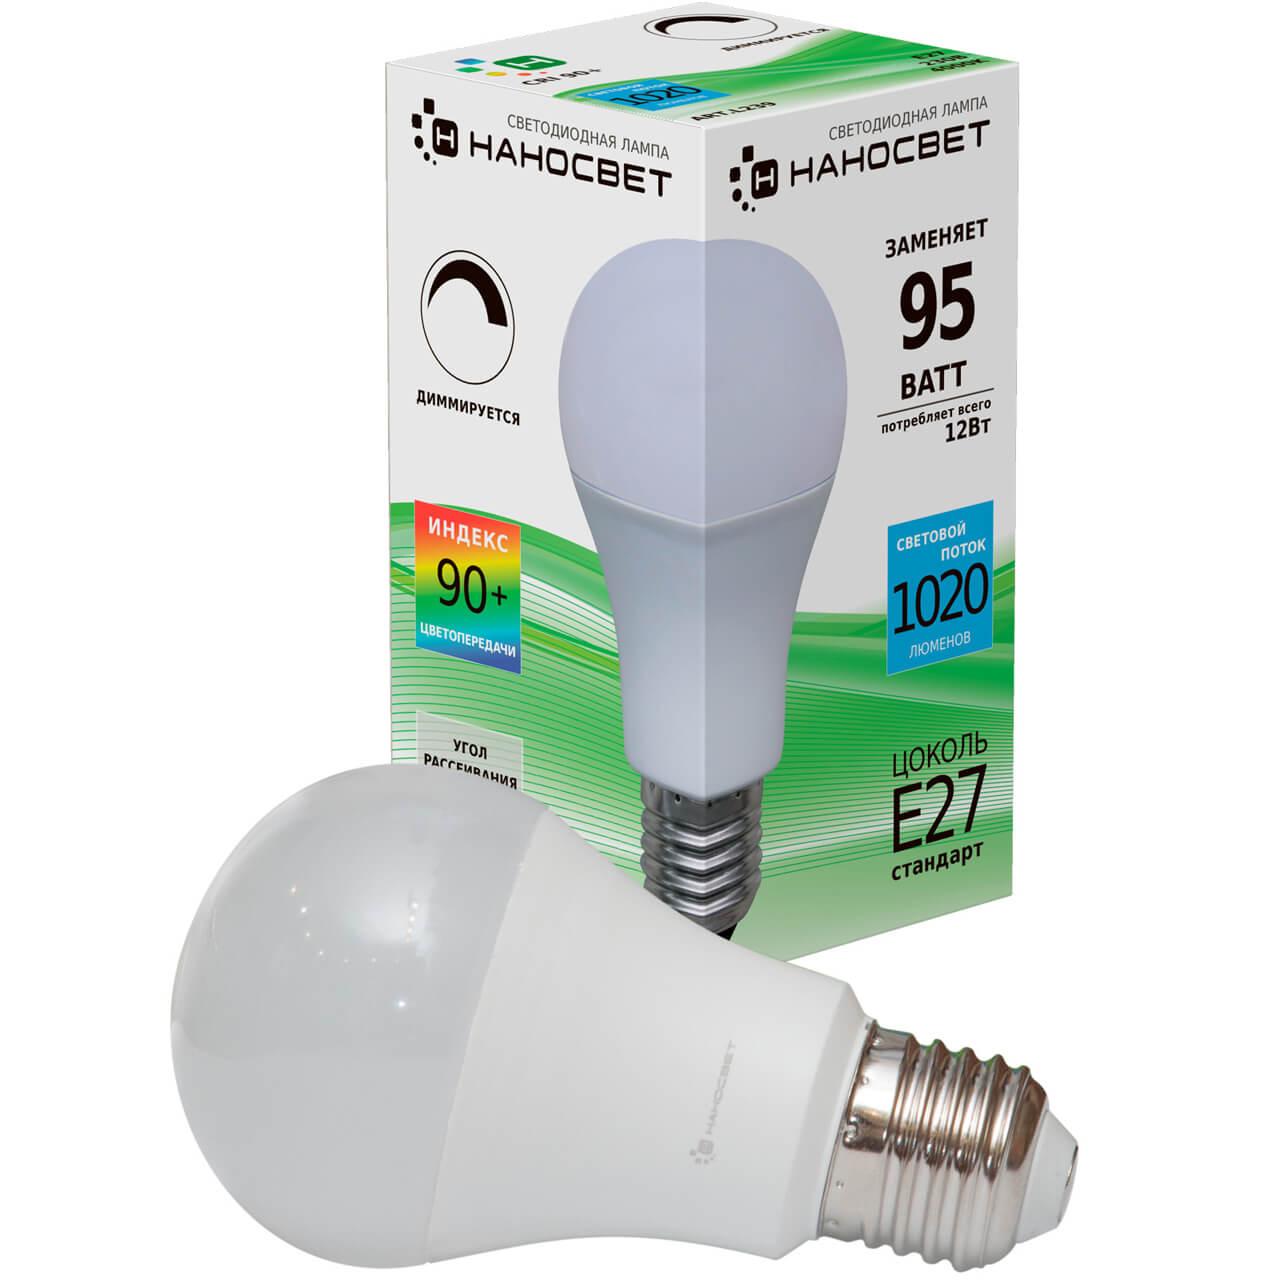 Лампочка Наносвет L239 (Диммирование)